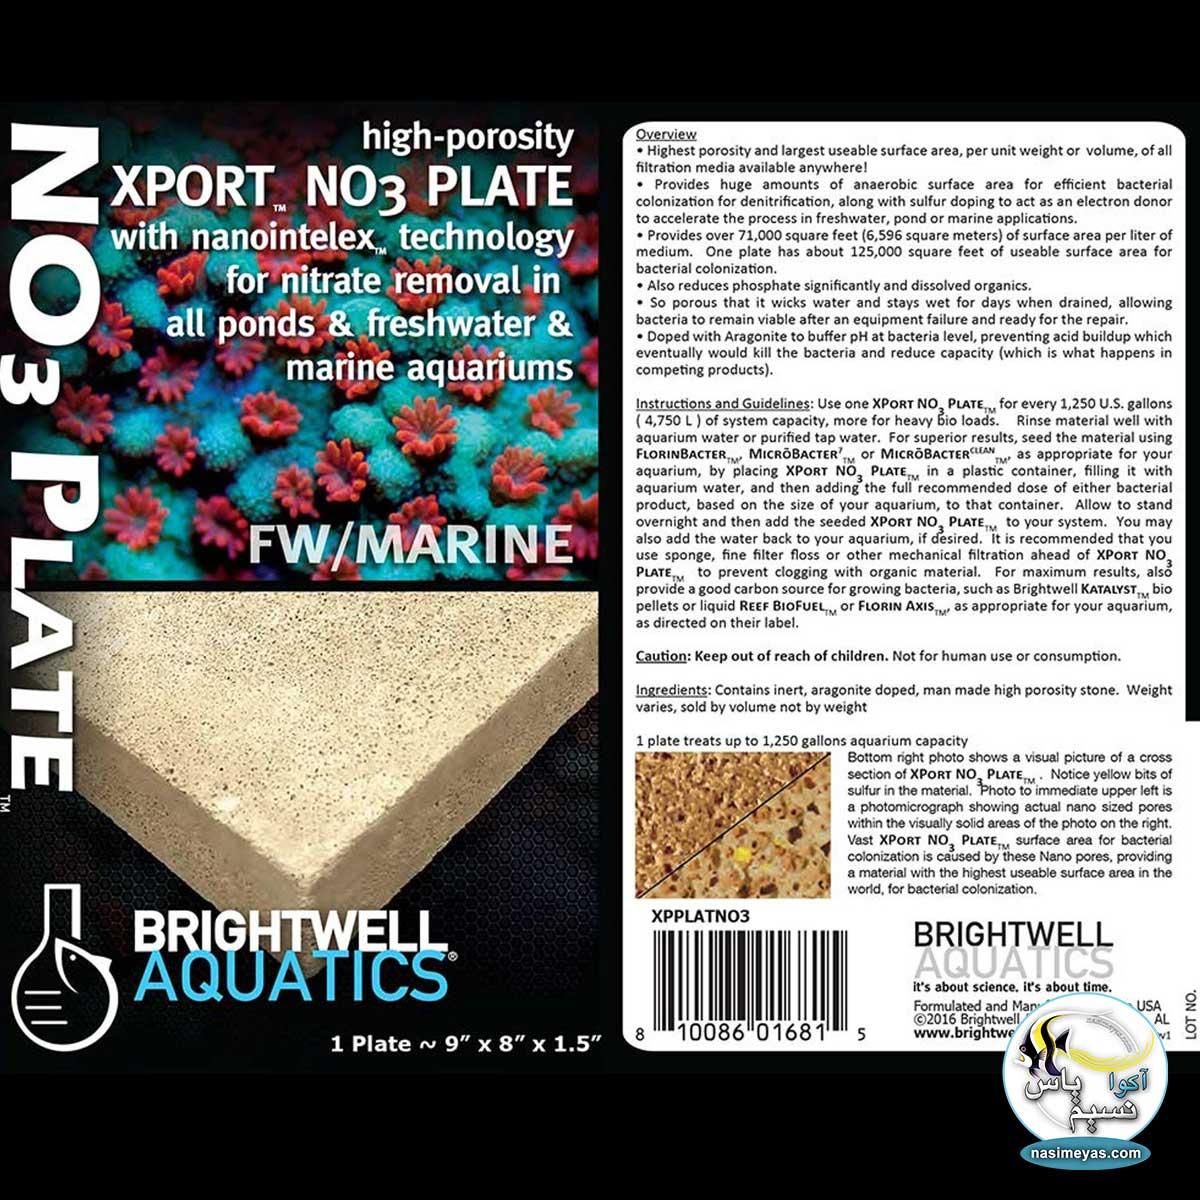 Brightwell Aquatics Xport NO3 Plate